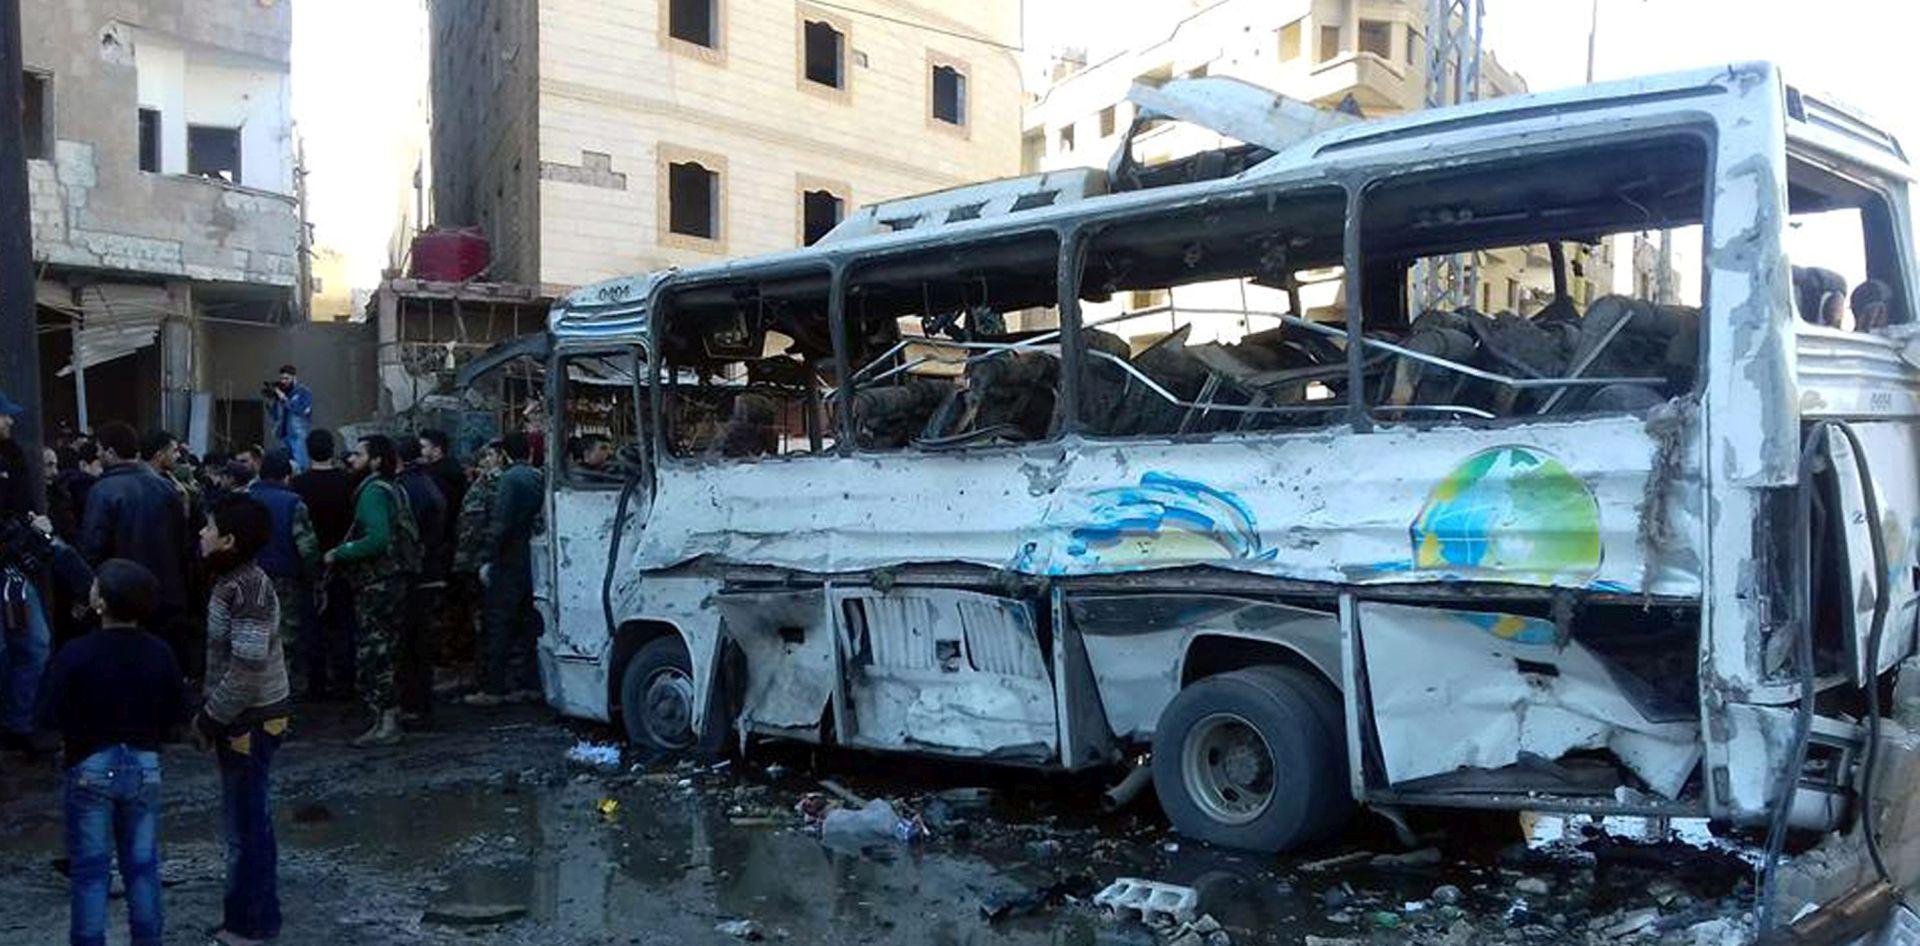 BOMBAŠKI NAPAD: Sirijski pregovori ugroženi nakon napada sa 60 mrtvih